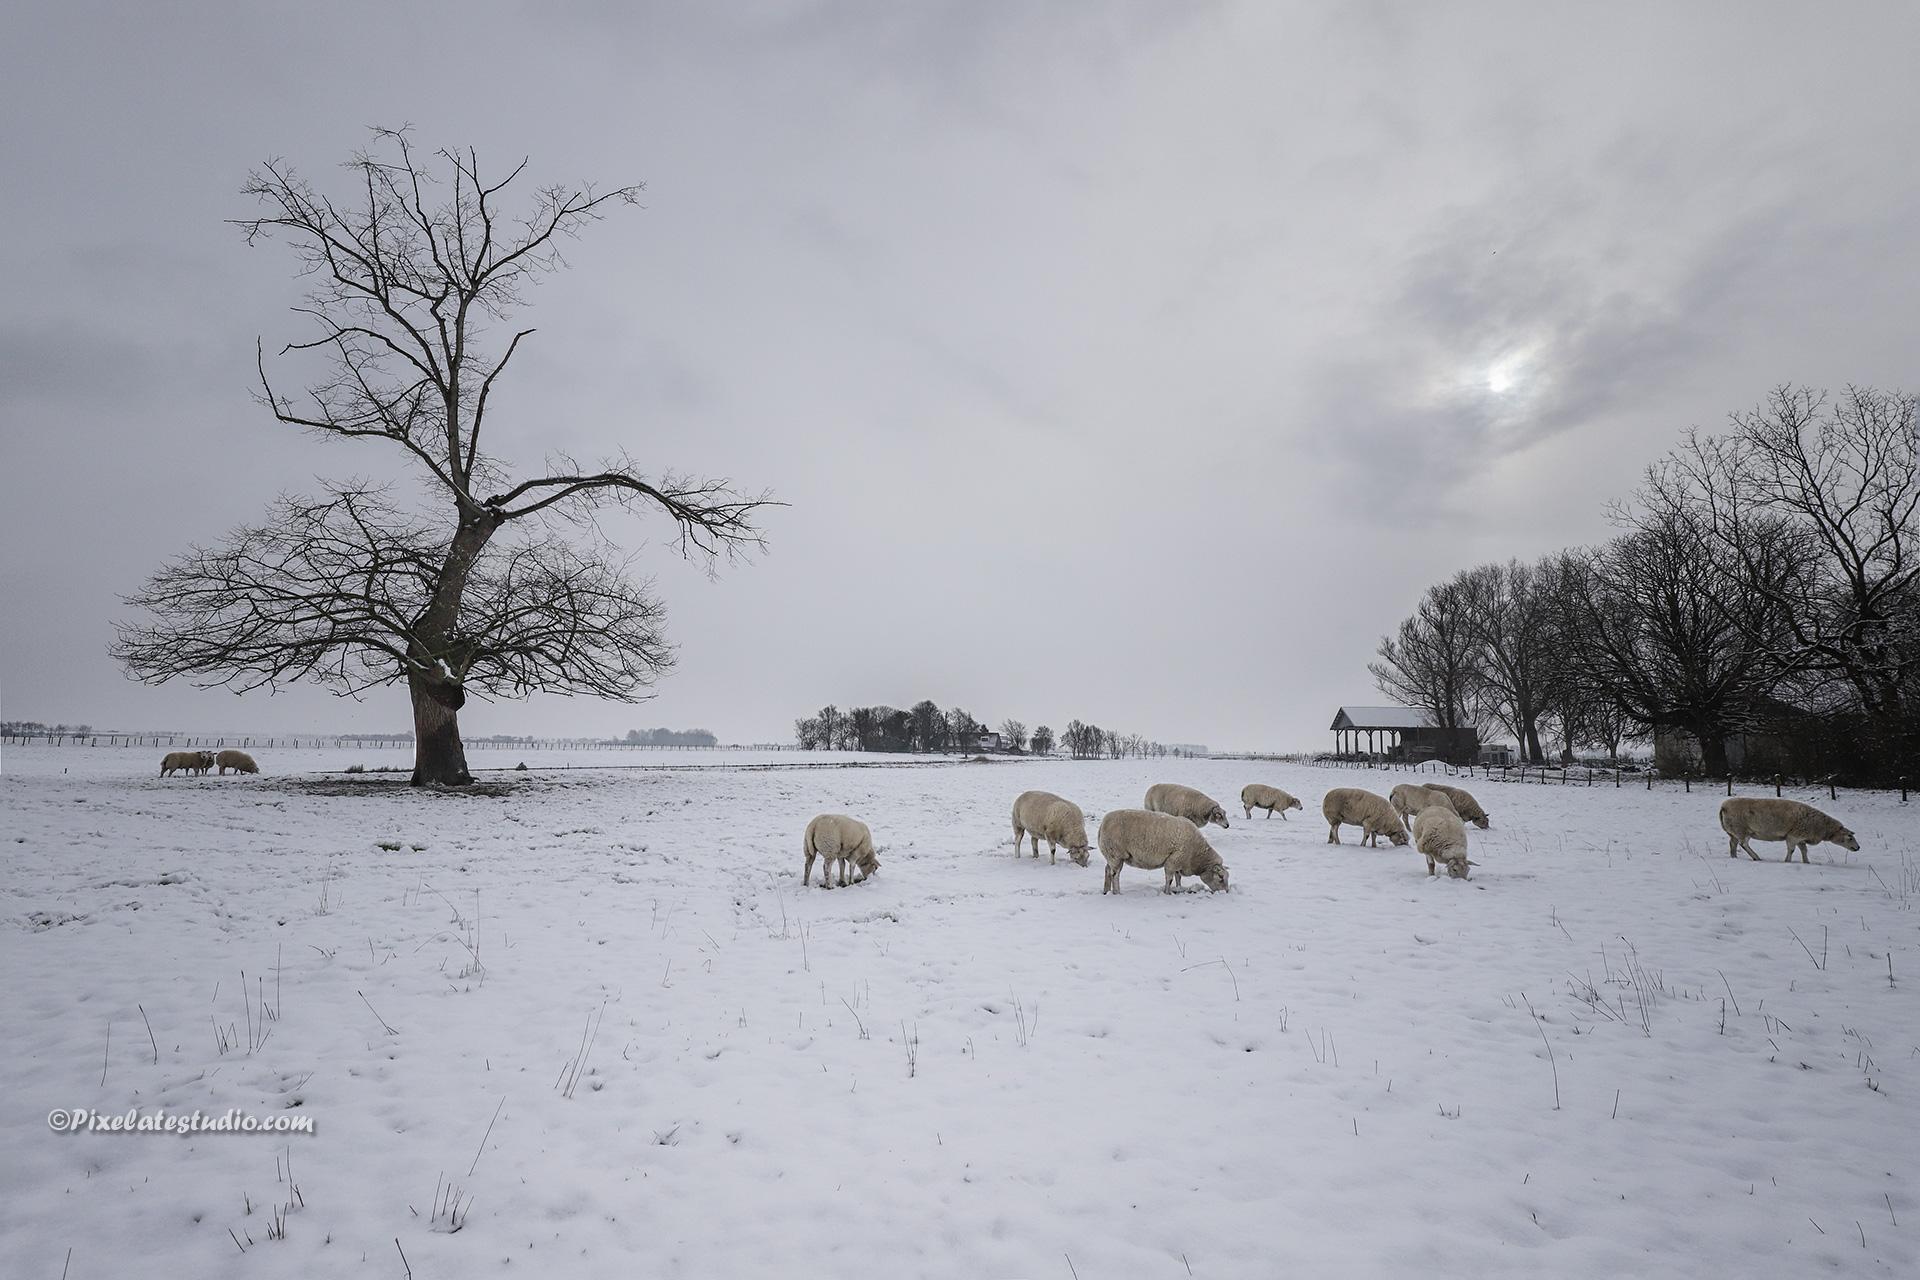 Winterfoto met schapen